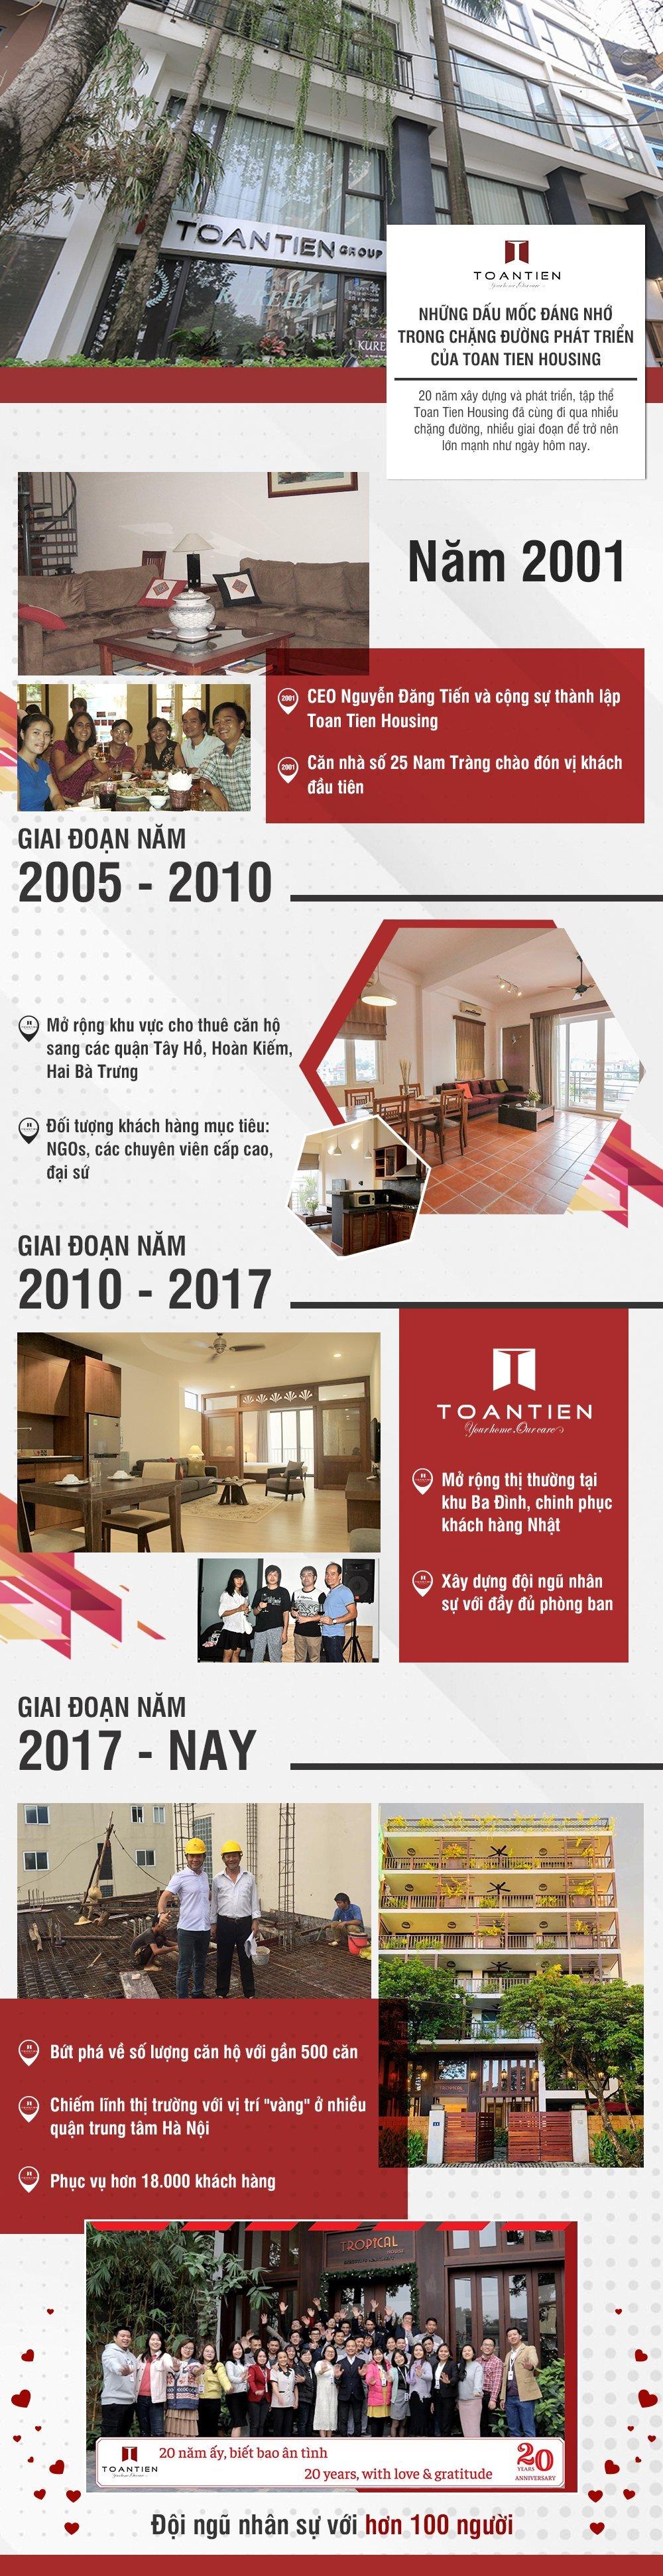 Infographic: Những dấu mốc đáng nhớ trong chặng đường phát triển của Toan Tien Housing